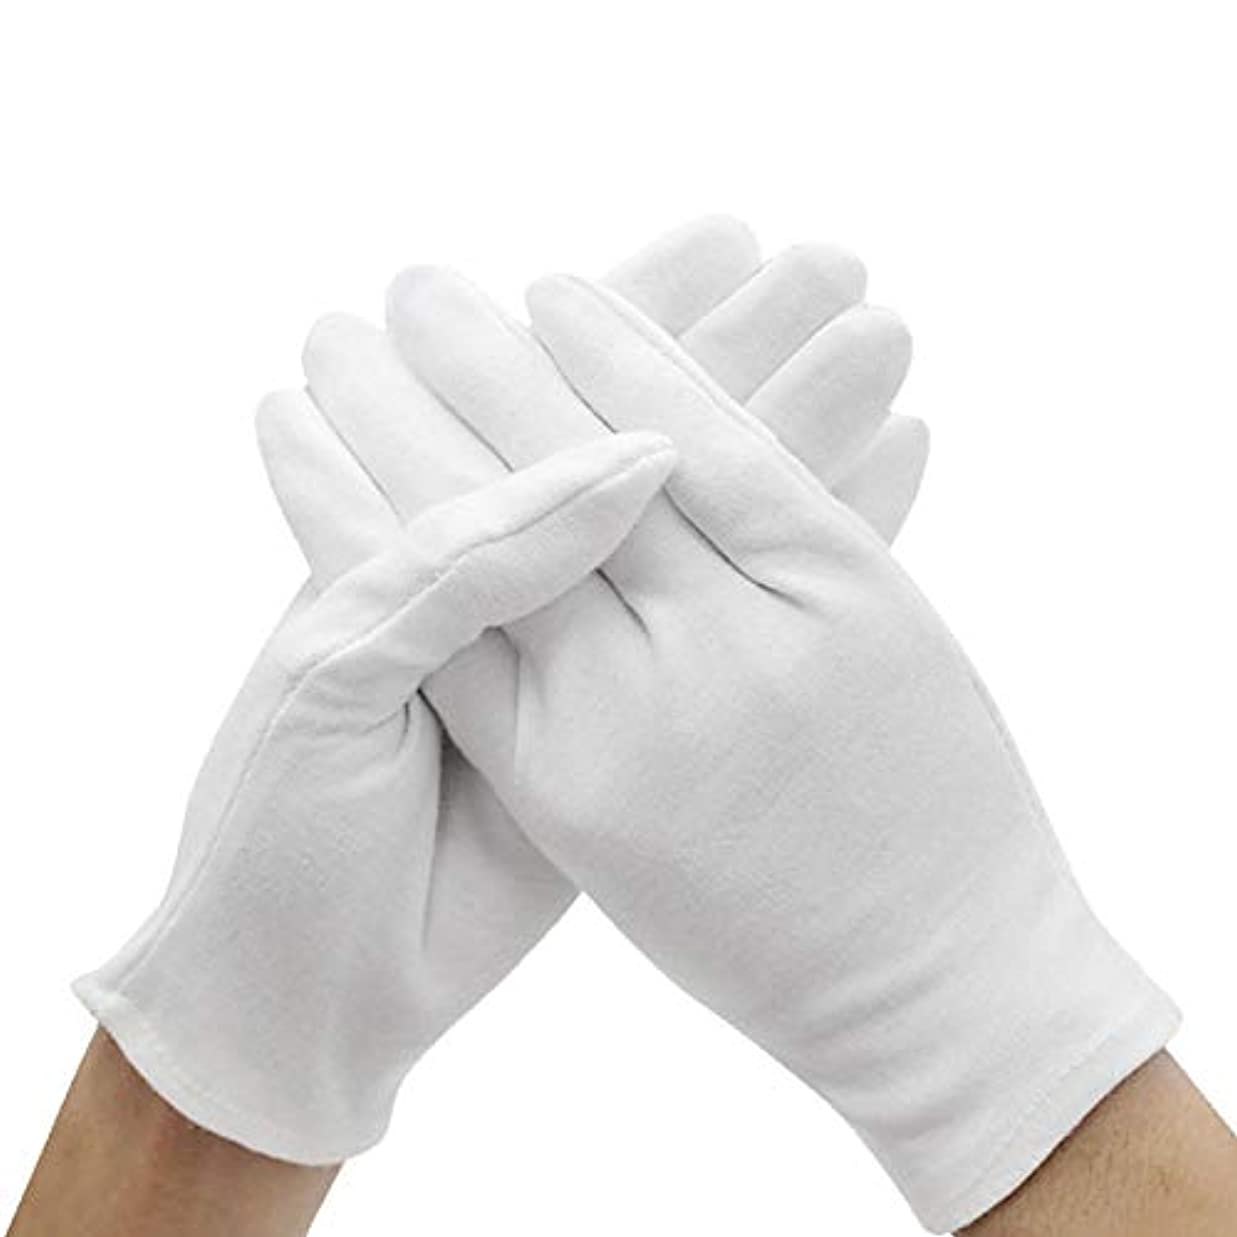 崩壊代表歌コットン手袋 綿 手荒れ予防 【湿疹用 乾燥肌用 保湿用 礼装用】純綿100% 白手袋 作業用 インナー手袋,ワンサイズ,エチケットの機会